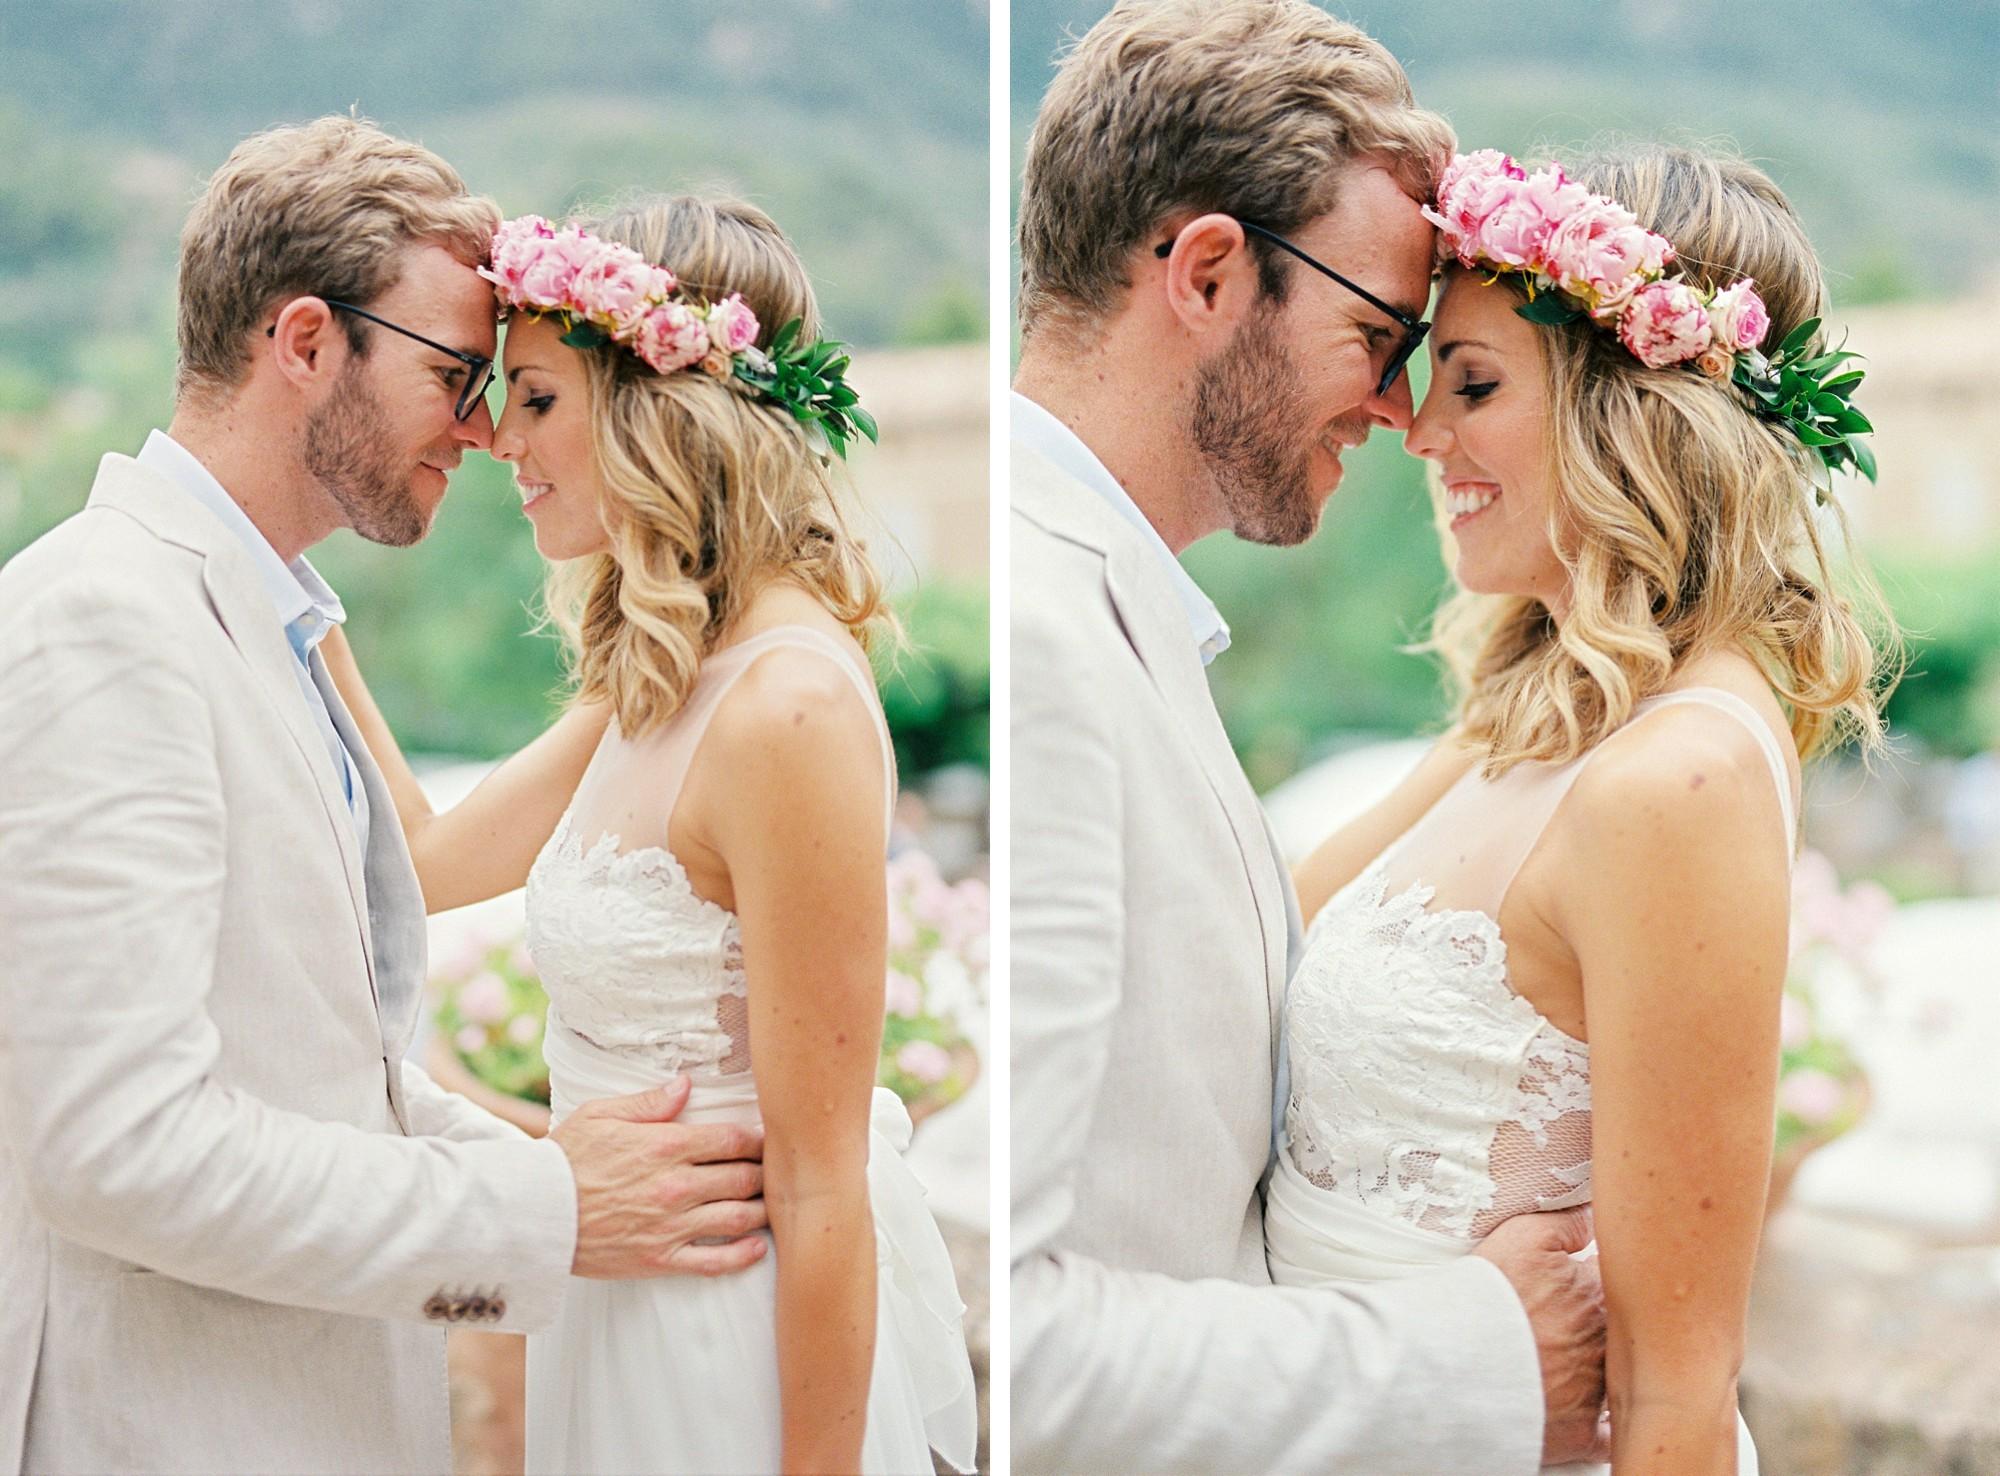 fotografos de boda en valencia barcelona mallorca wedding photographer099.jpg